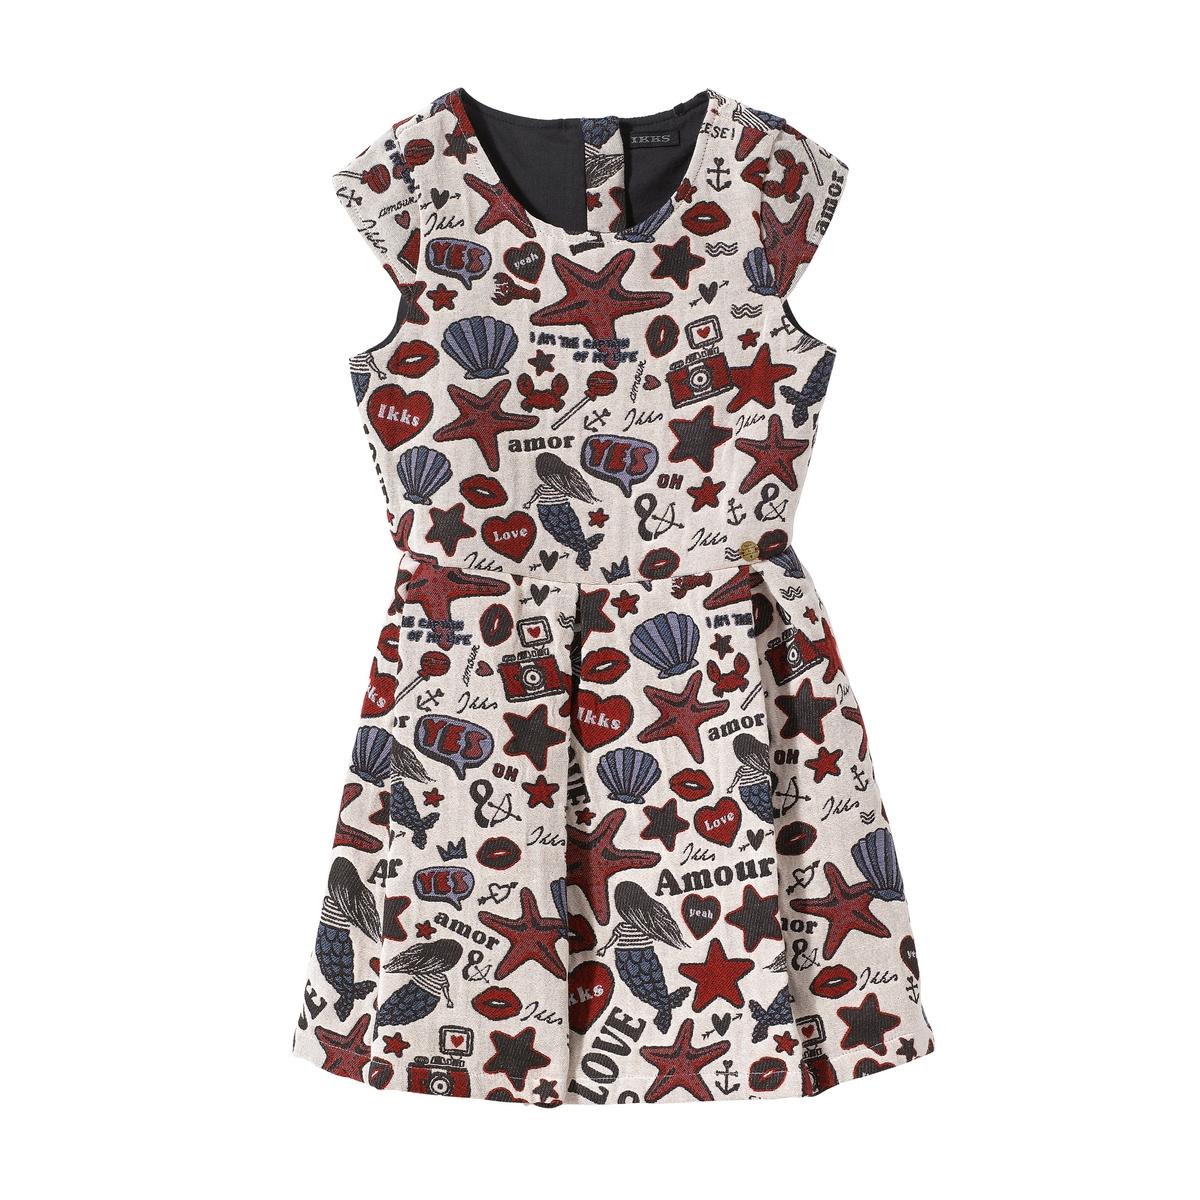 Платье, расширяющееся к низу 3 - 14 лет от IKKS JUNIOR